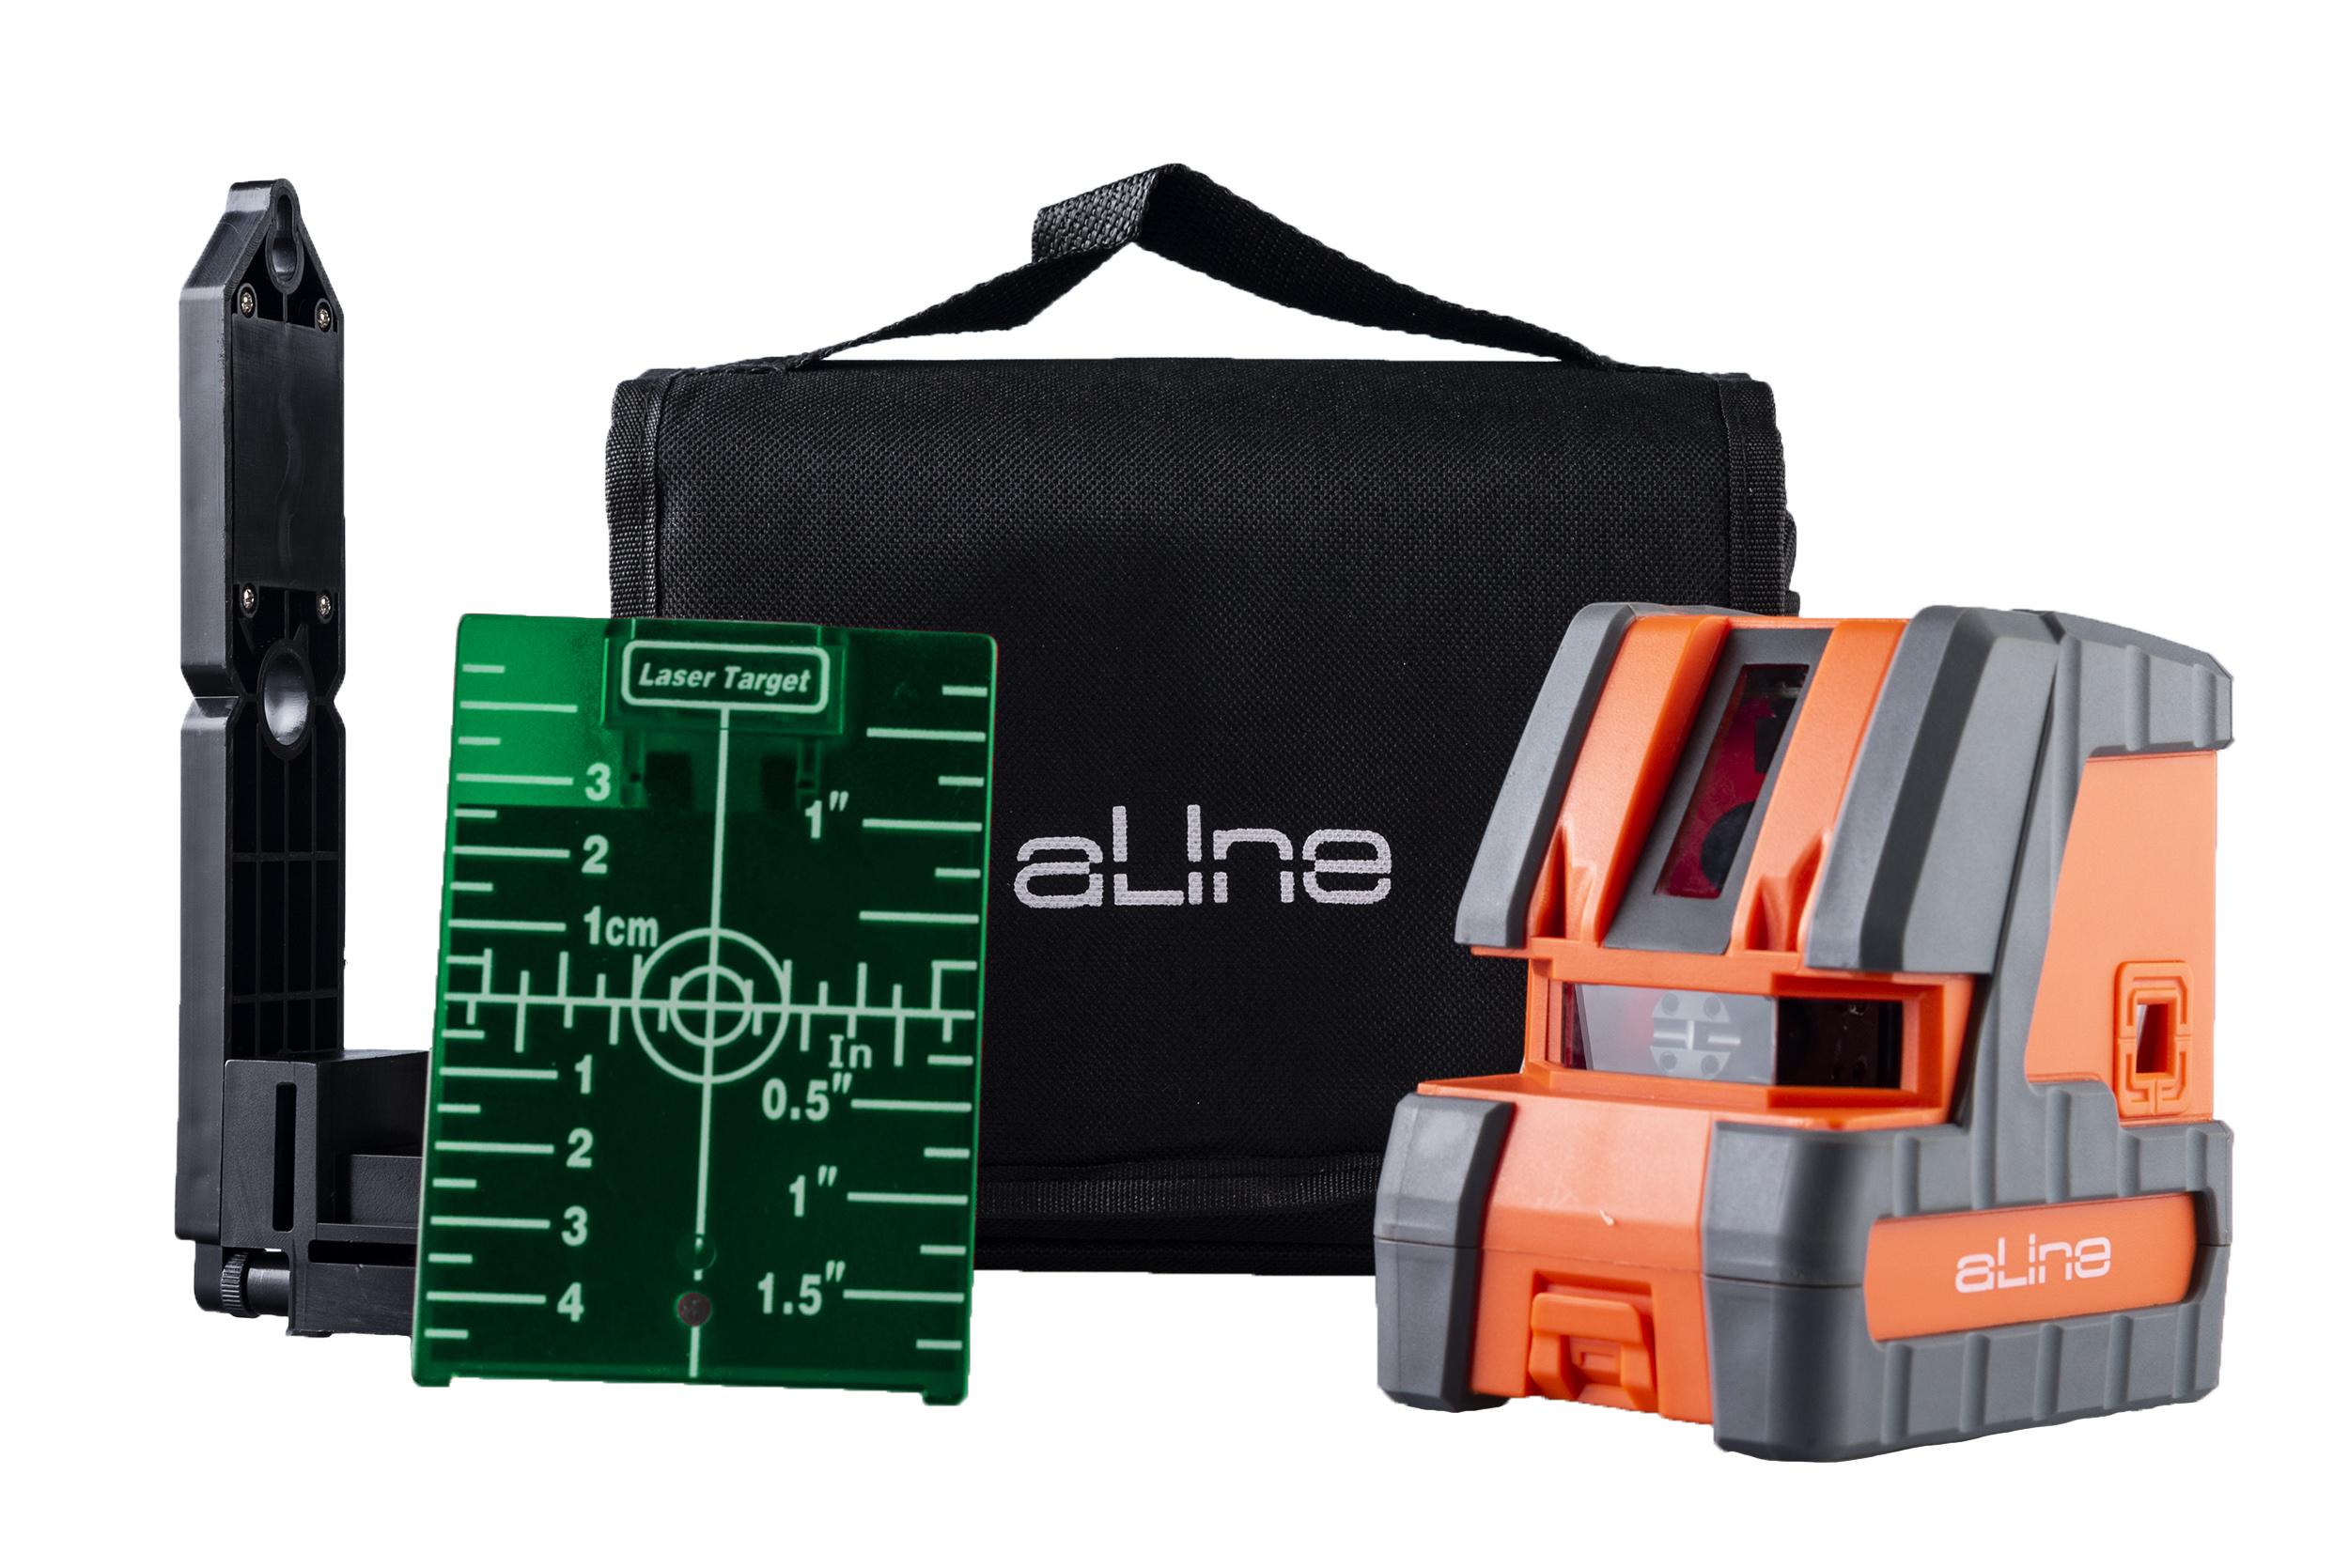 aLine CL-5D Crossline Laser Application image